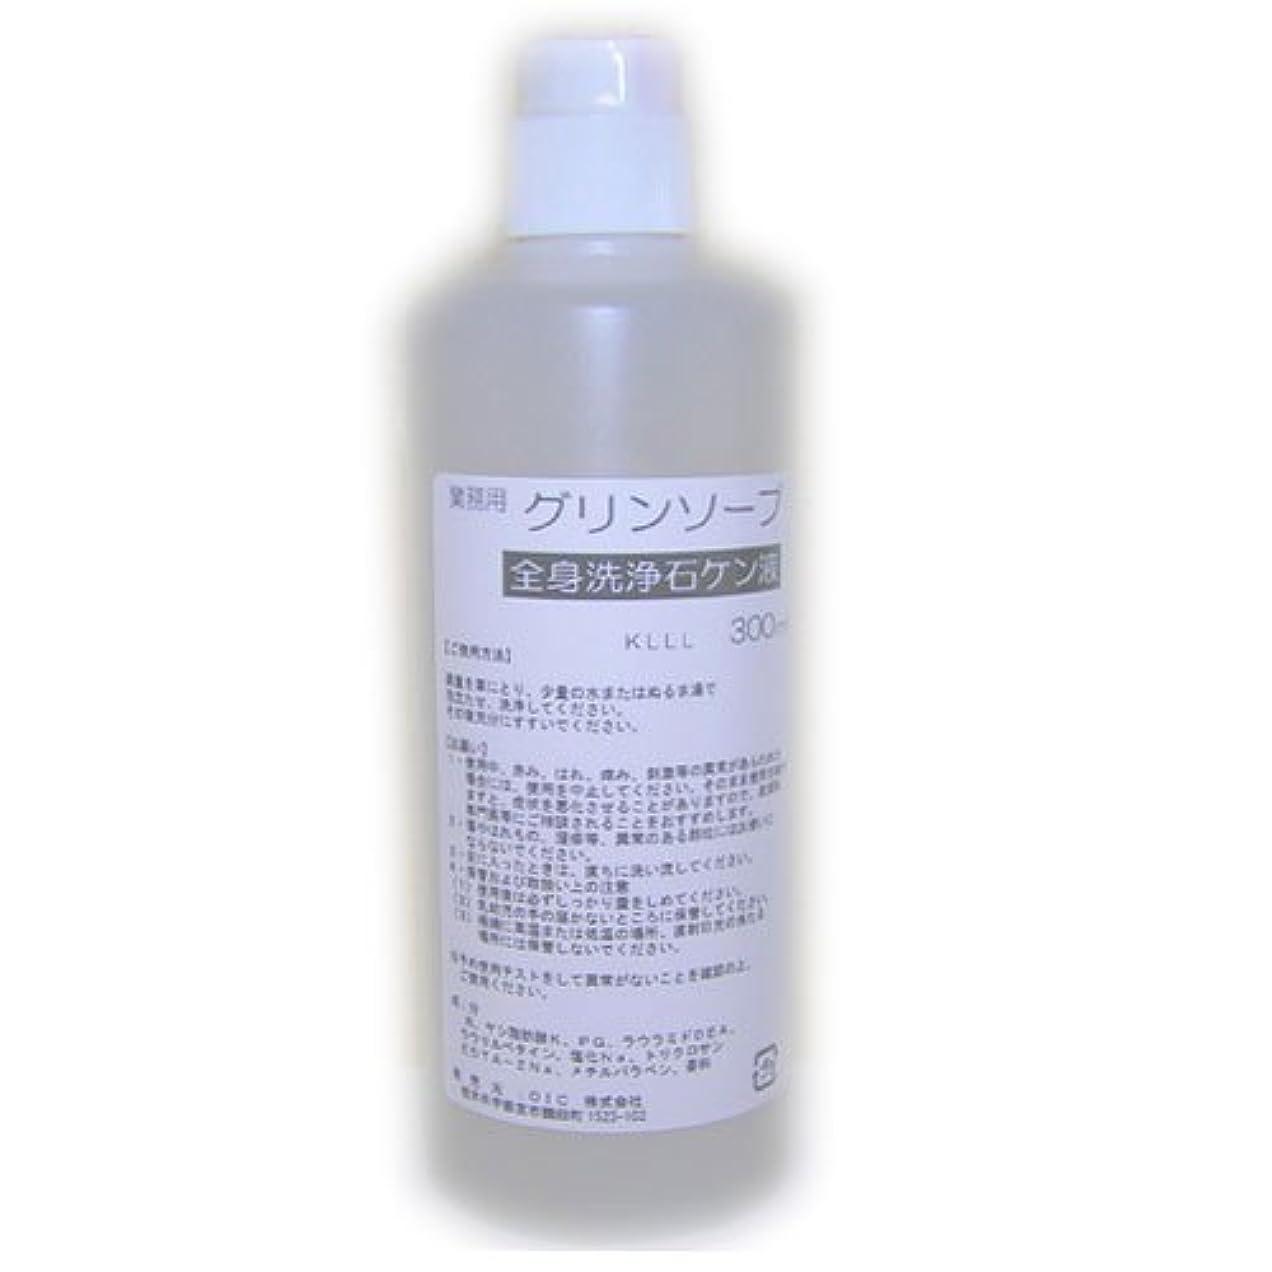 要旨いろいろバング業務用ボディソープ 殺菌成分配合?消毒石鹸液 グリンソープ (300ml (3本セット))